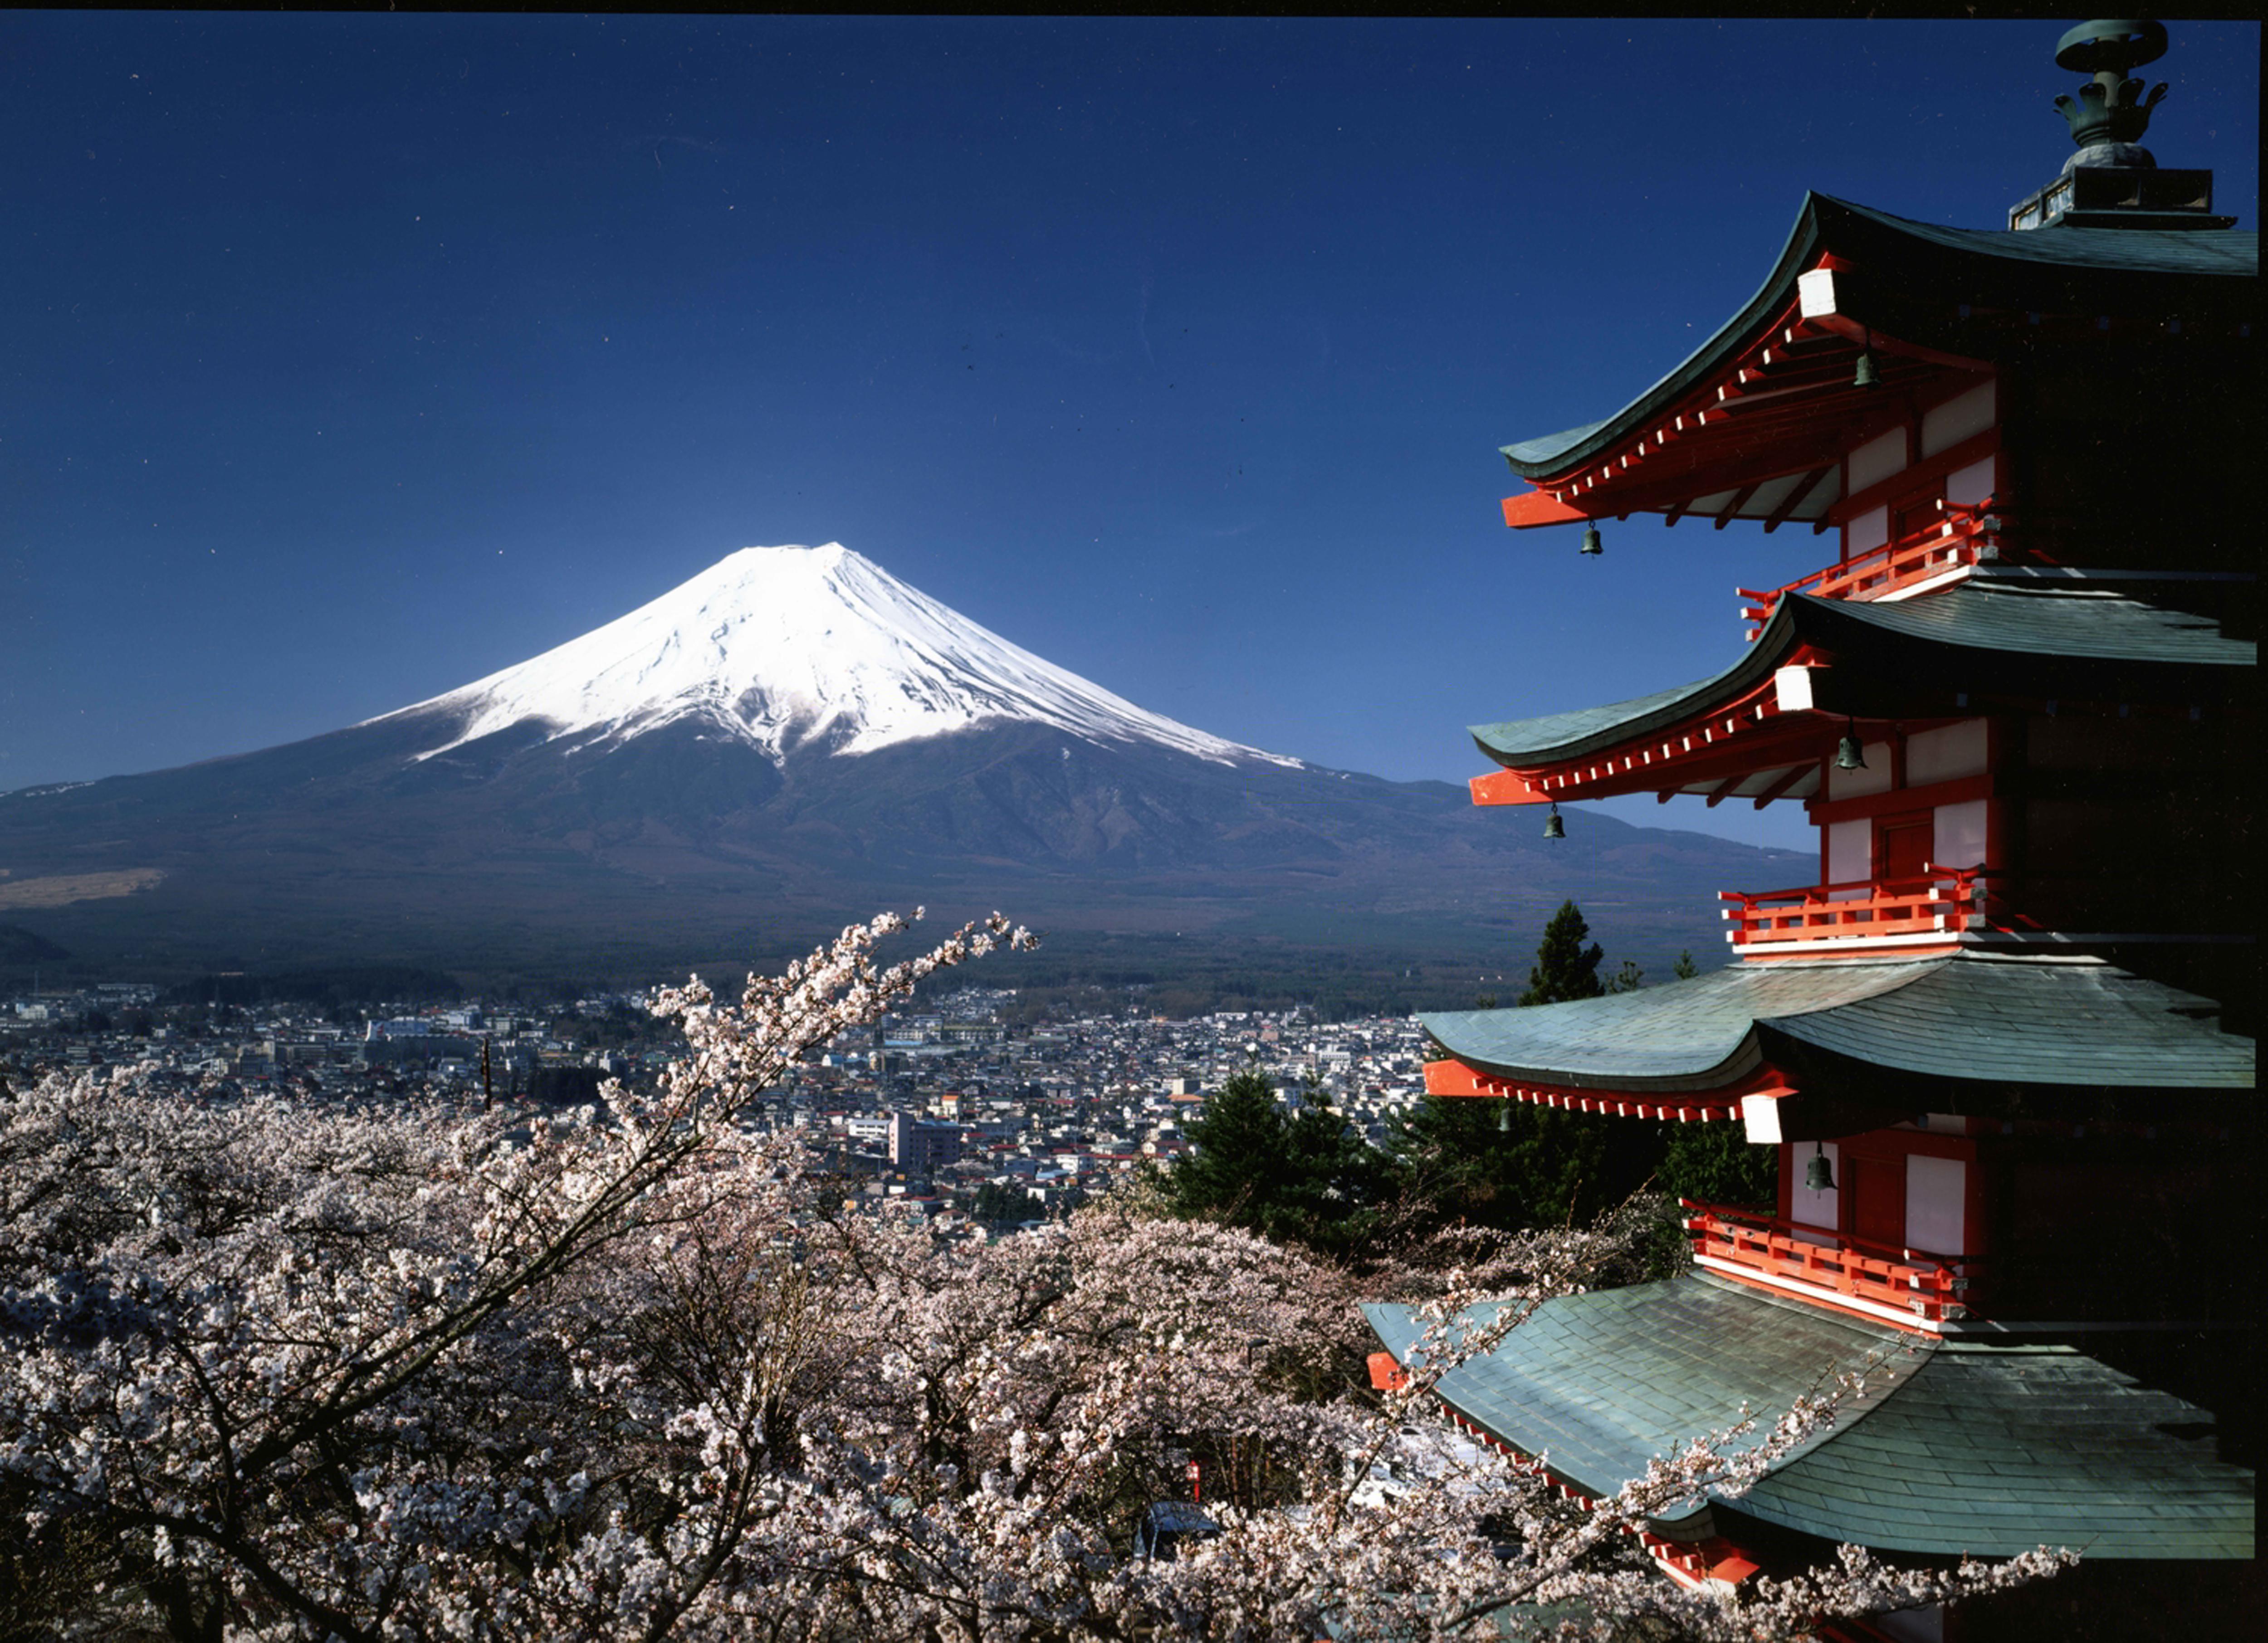 日本本州全景双飞7日跟团游<一天自由活动,走遍本州岛,南航直飞,两点进出  A46>